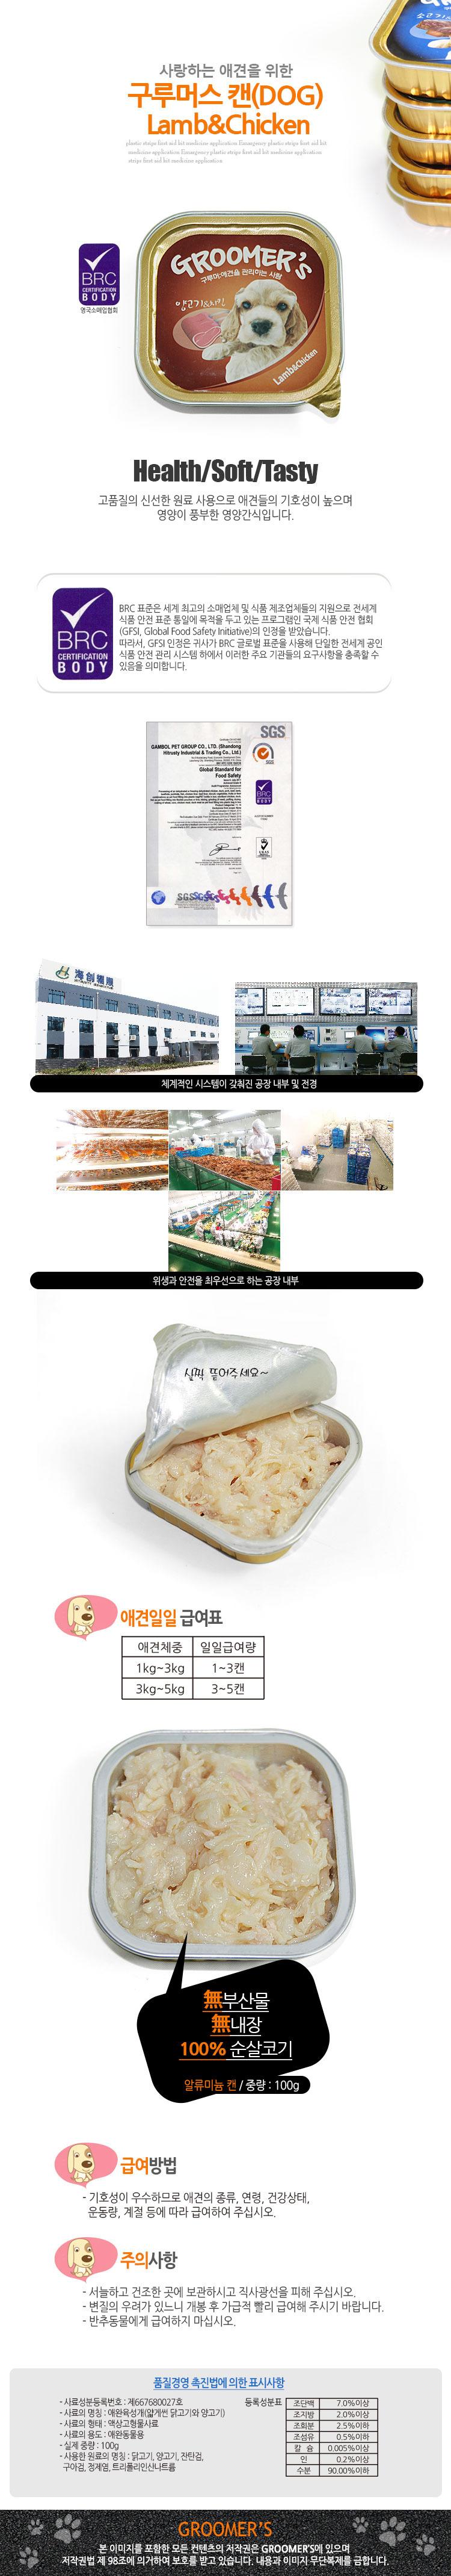 구루머스 양고기&닭고기 캔 100g